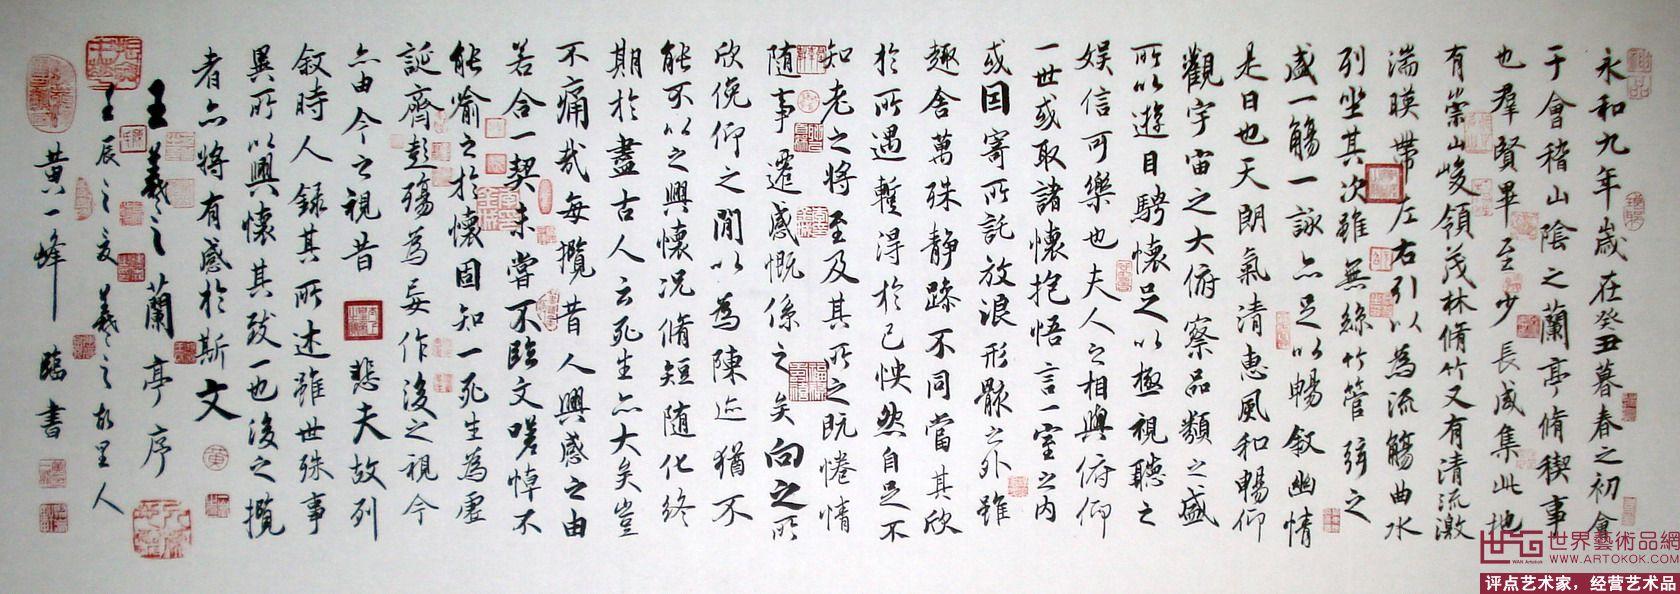 魏碑钢笔书法作品欣赏图片